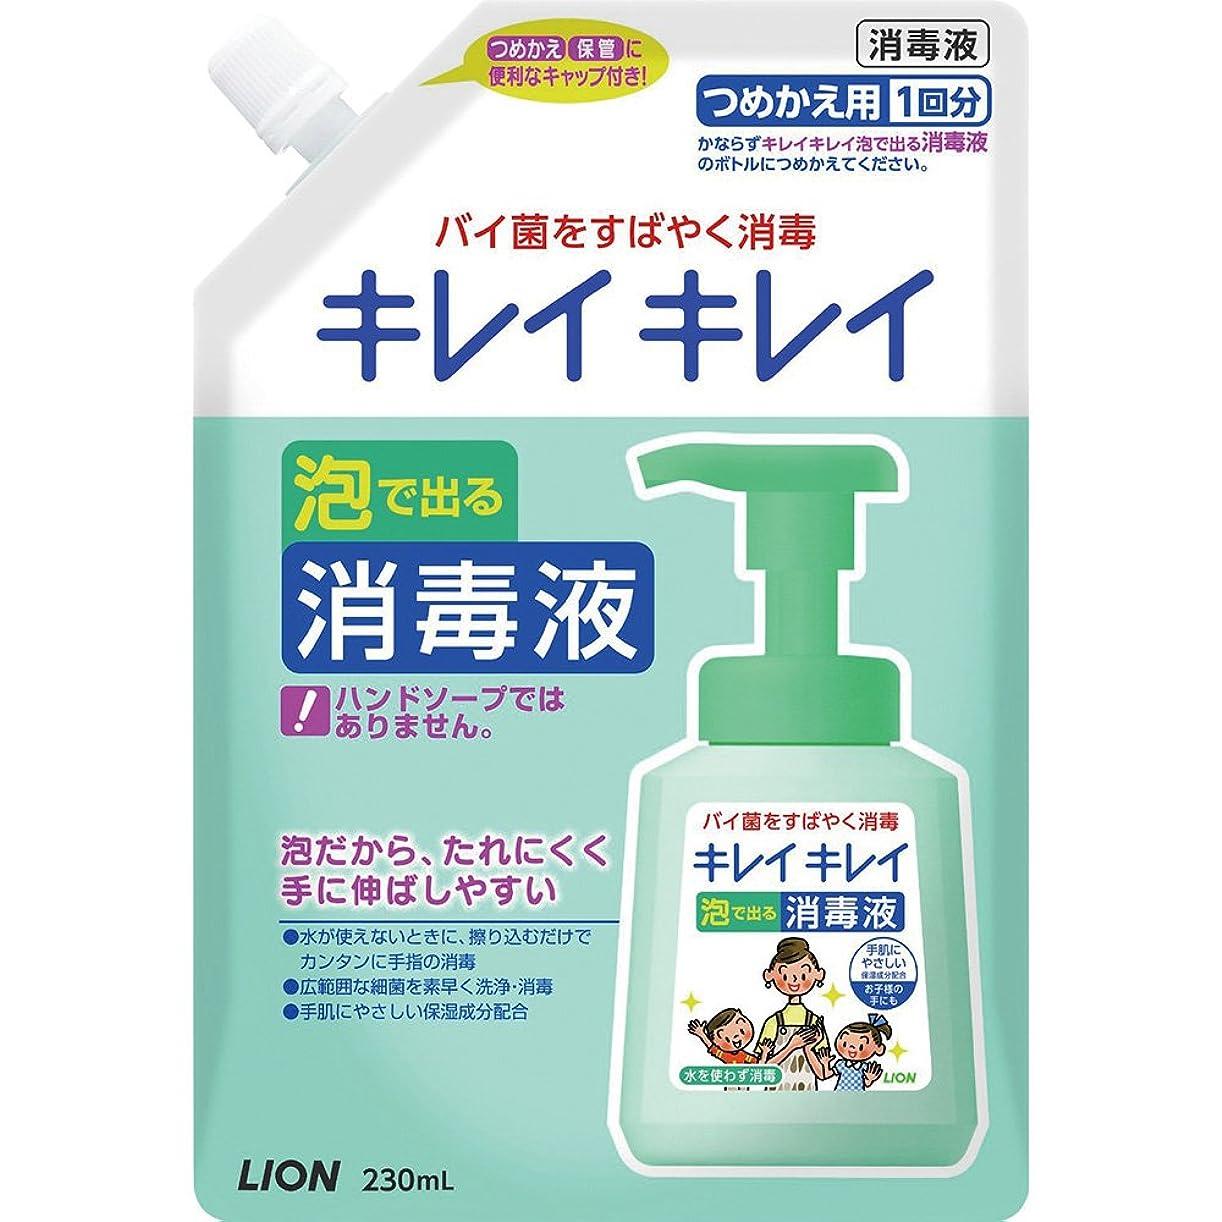 ループ評判等々キレイキレイ 薬 泡ででる消毒液 詰替 230ml (指定医薬部外品)